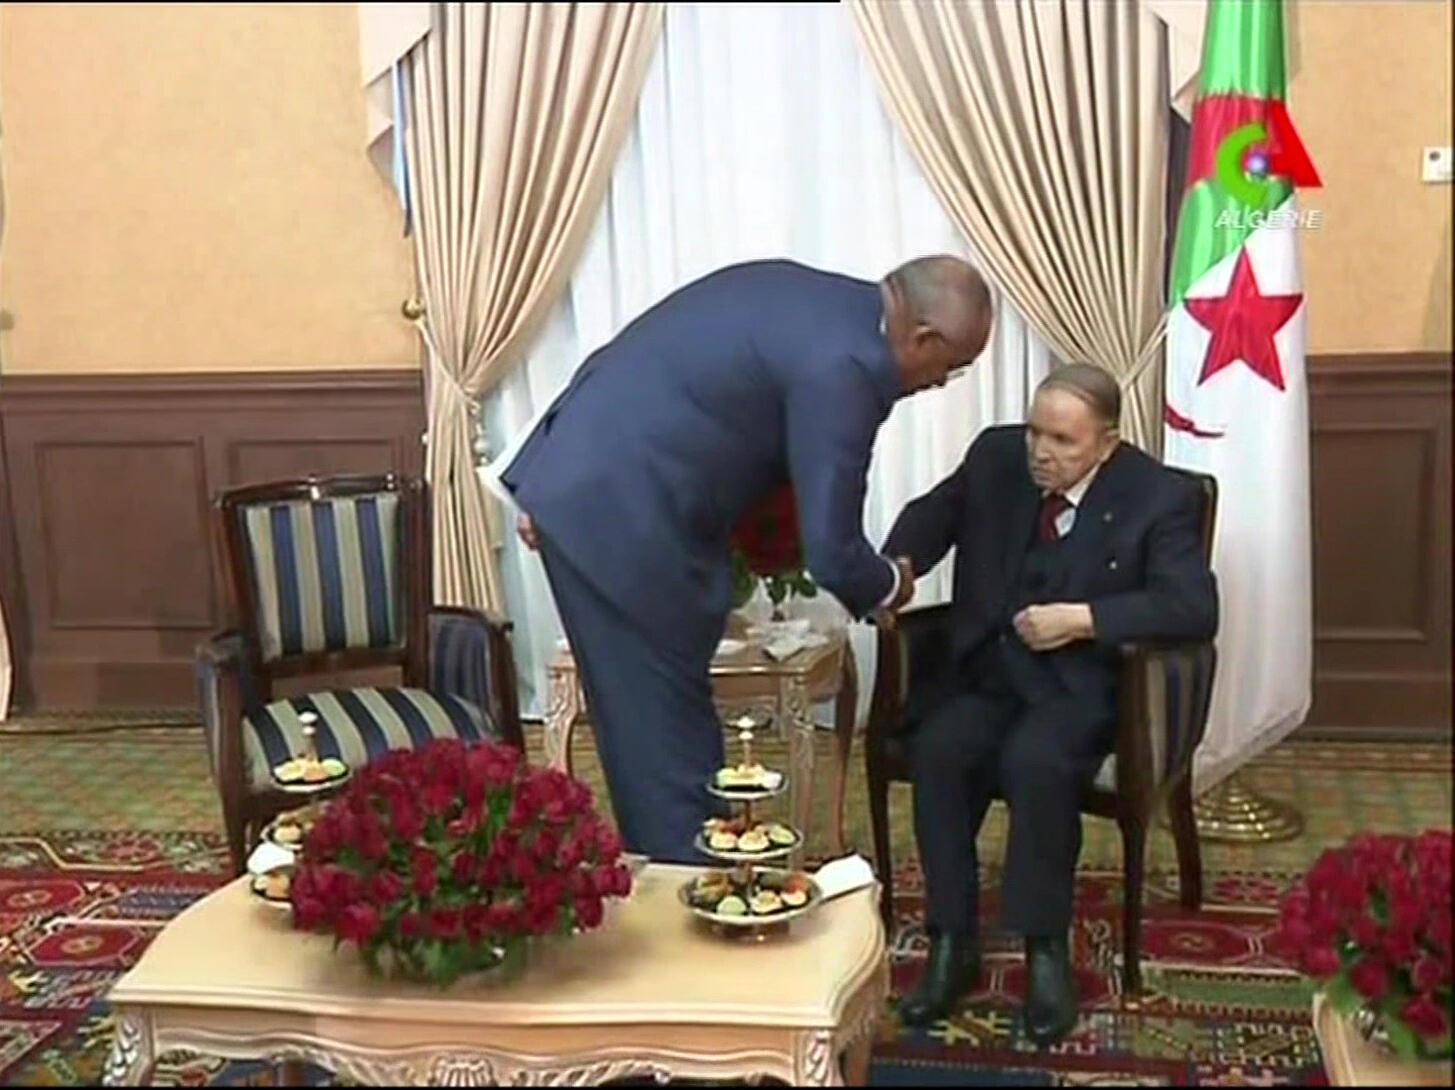 Image tirée du document diffusé par Canal Algérie le 11mars2019, montrant le président algérien Abdelaziz Bouteflika en train de saluer le nouveau Premier ministre Noureddine Bedoui.